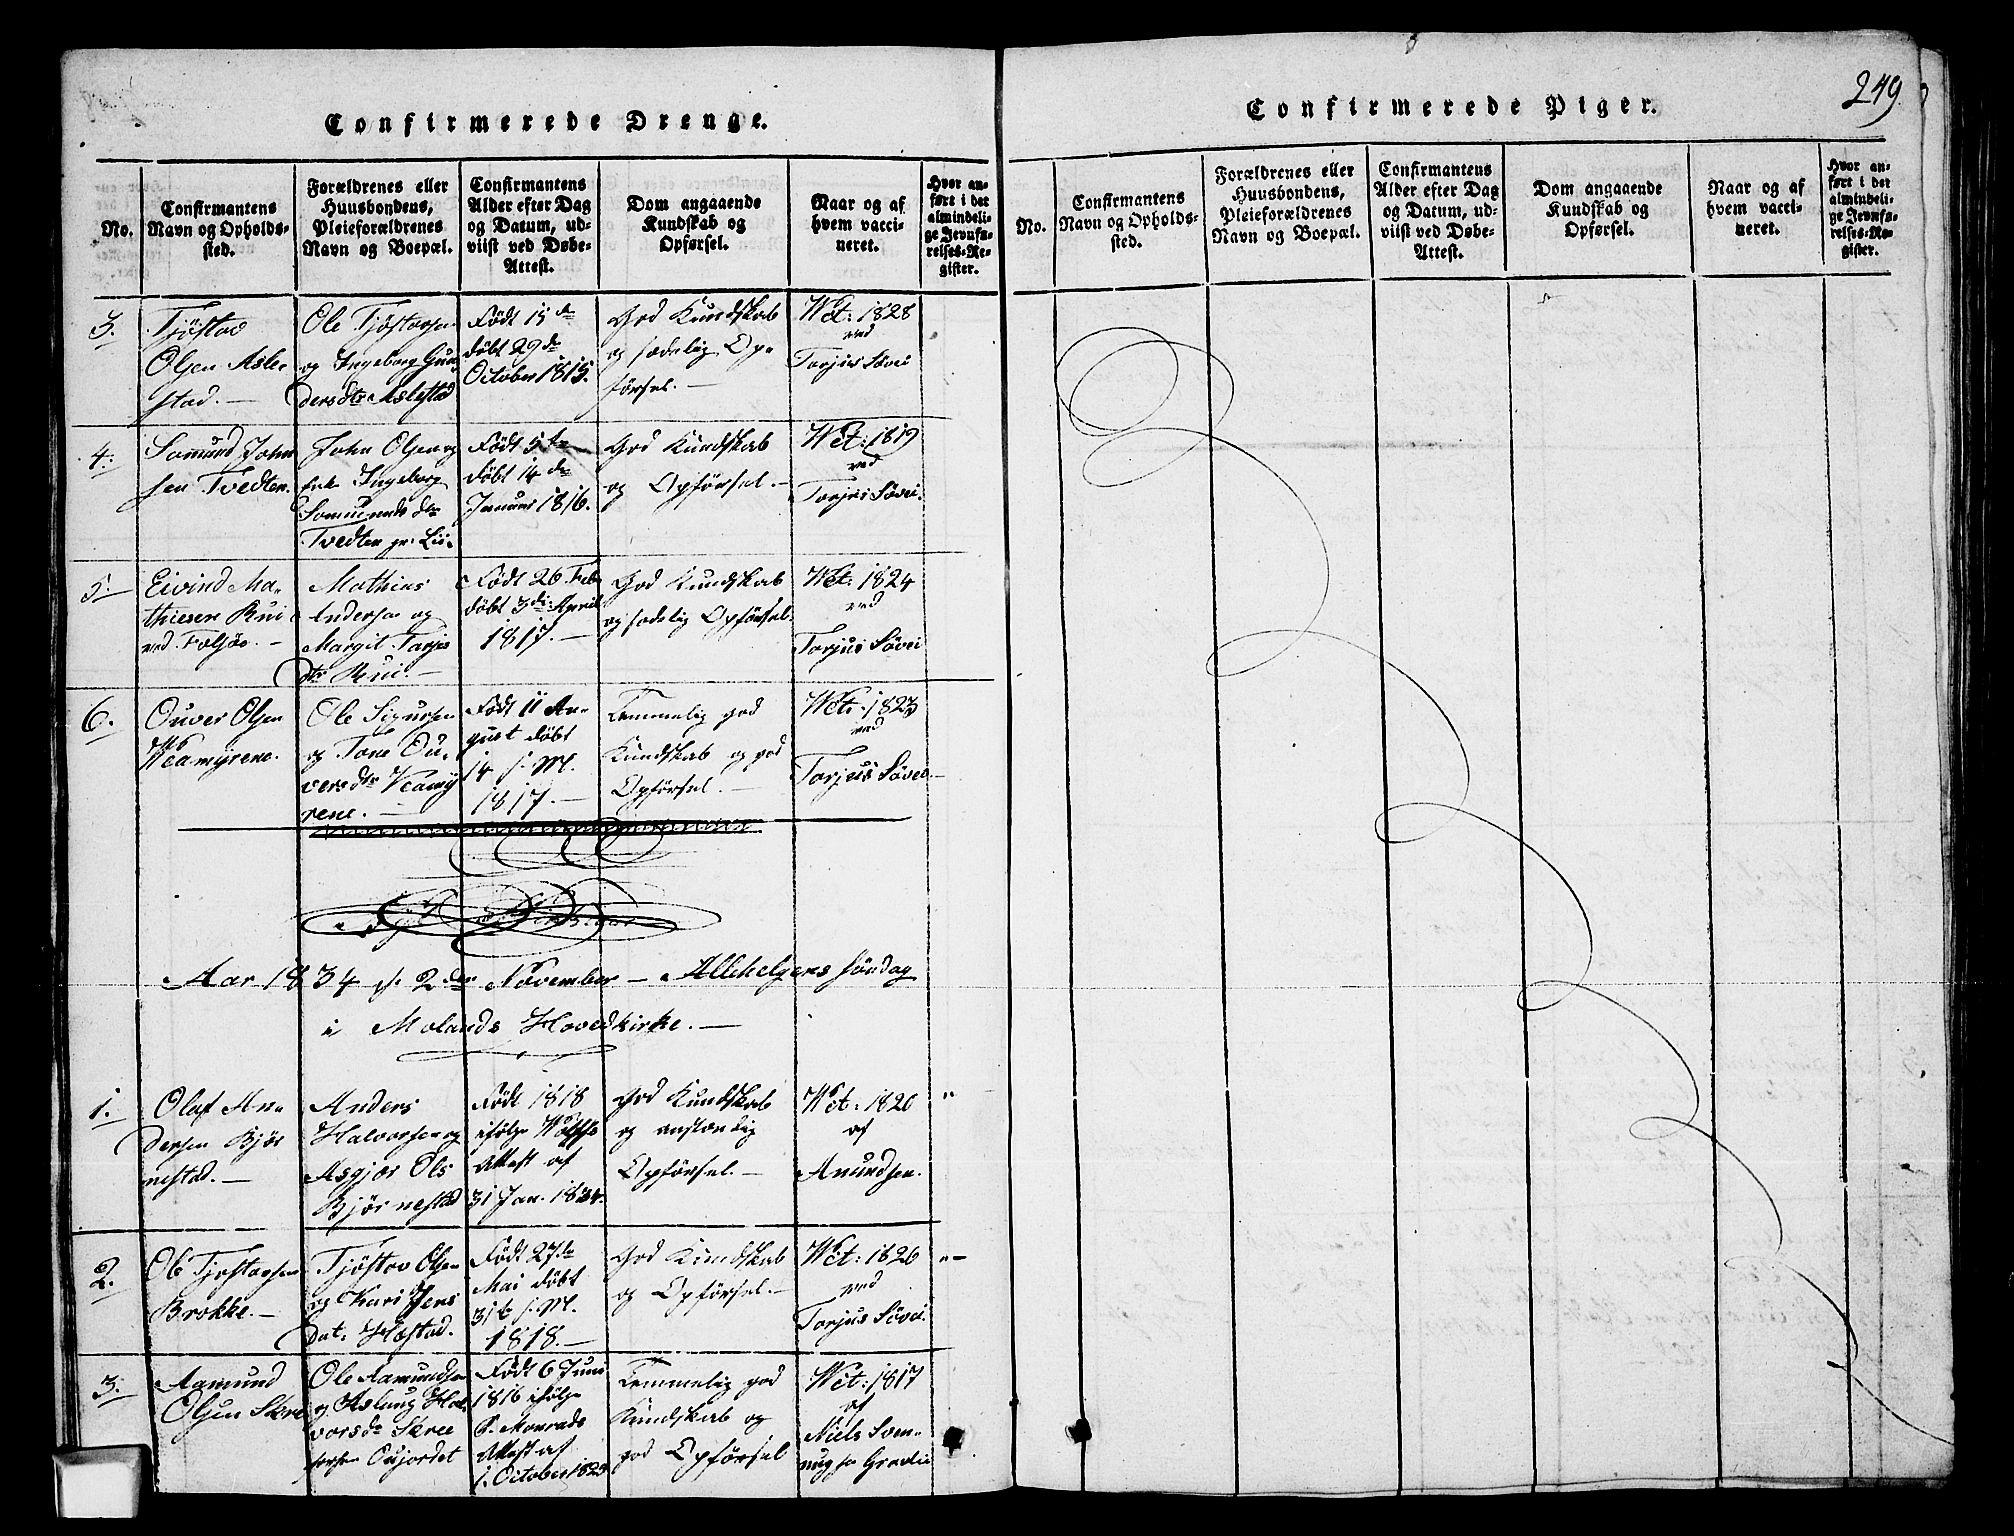 SAKO, Fyresdal kirkebøker, G/Ga/L0003: Klokkerbok nr. I 3, 1815-1863, s. 249